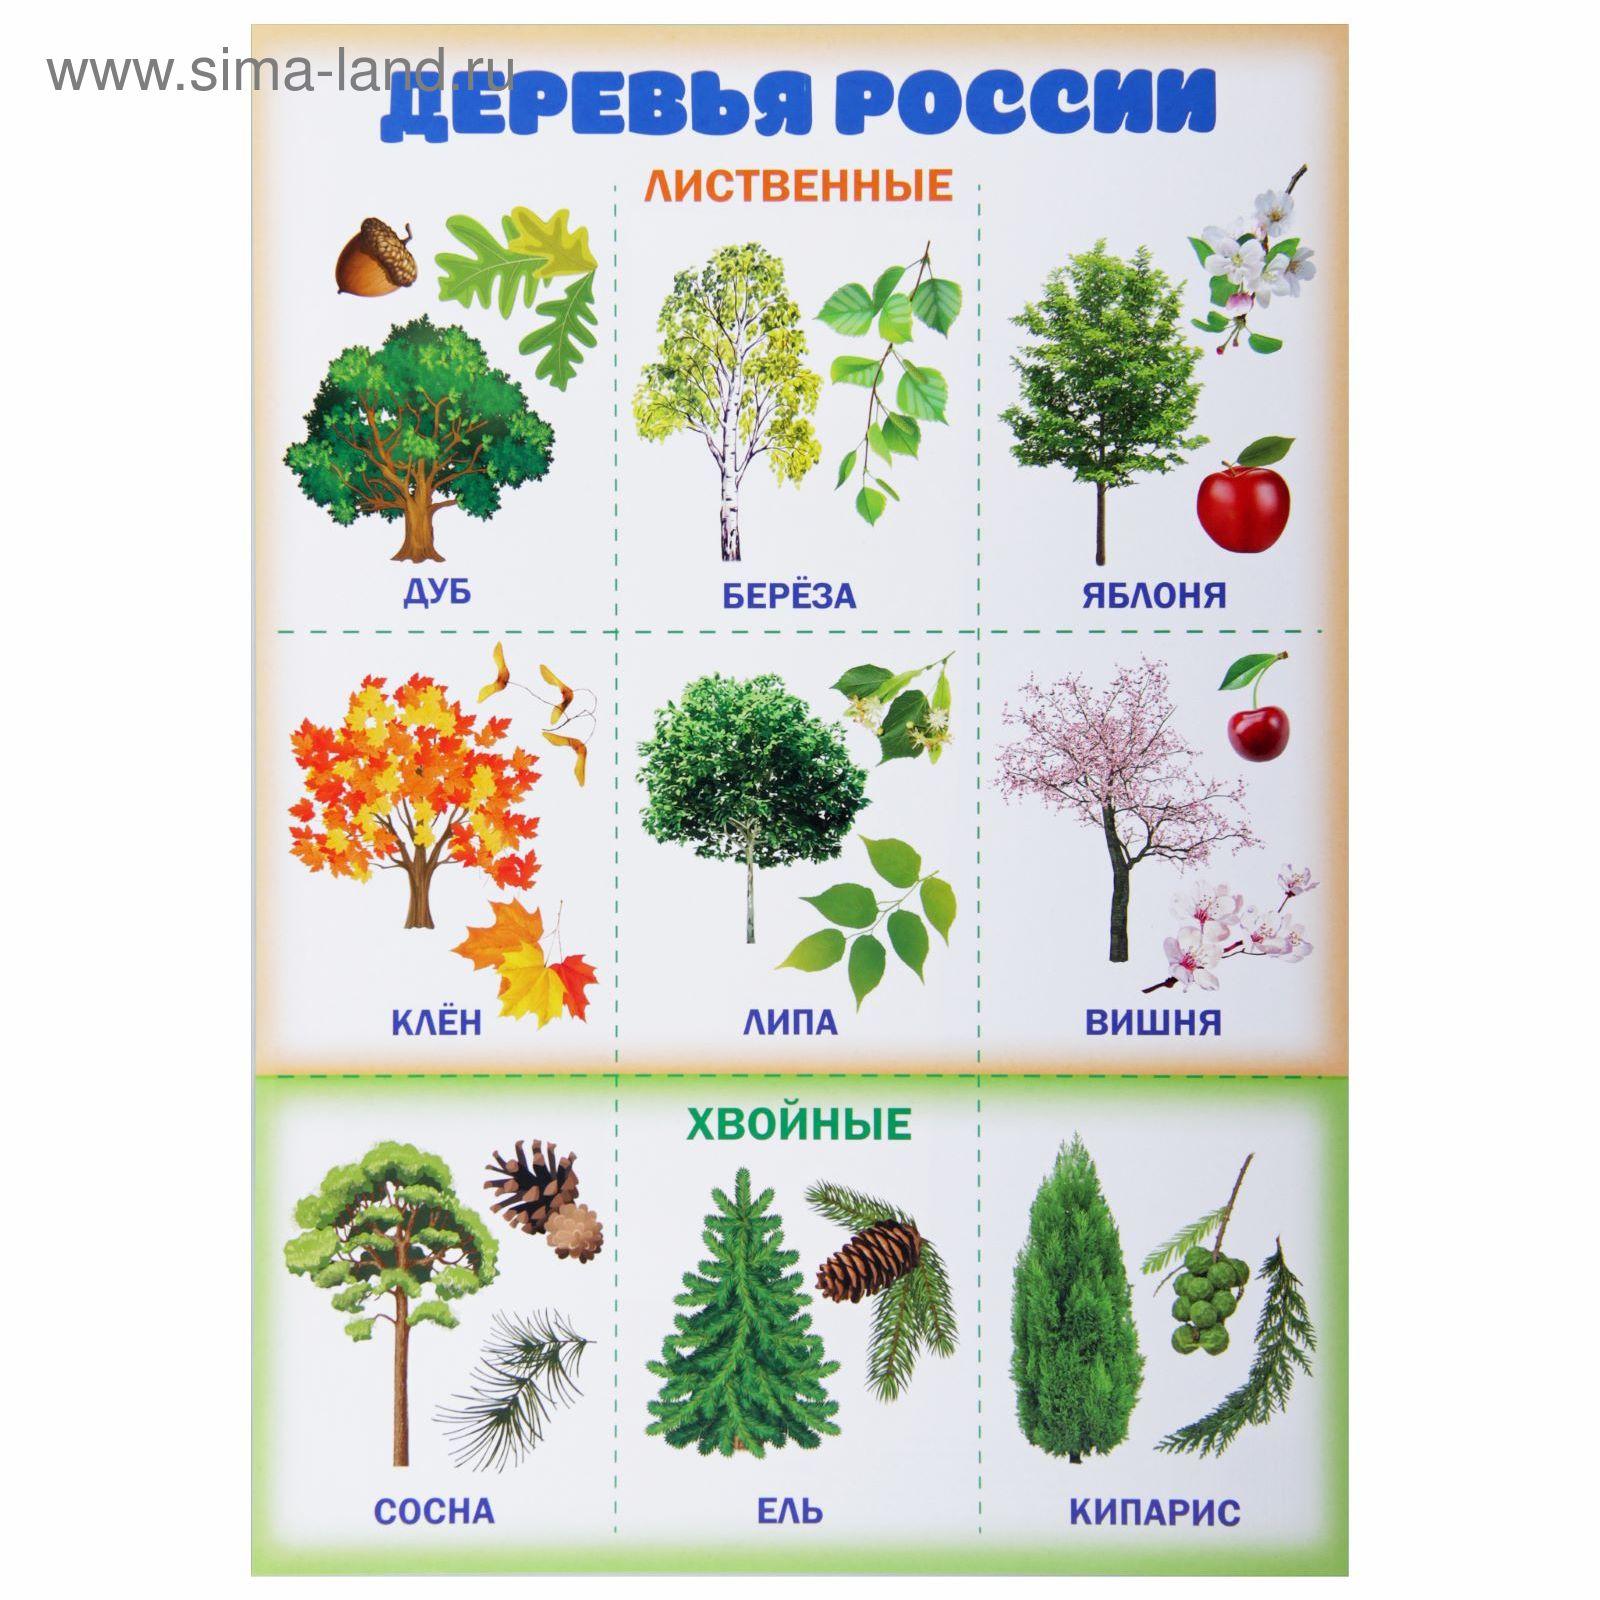 лиственные деревья россии фото и названия чему